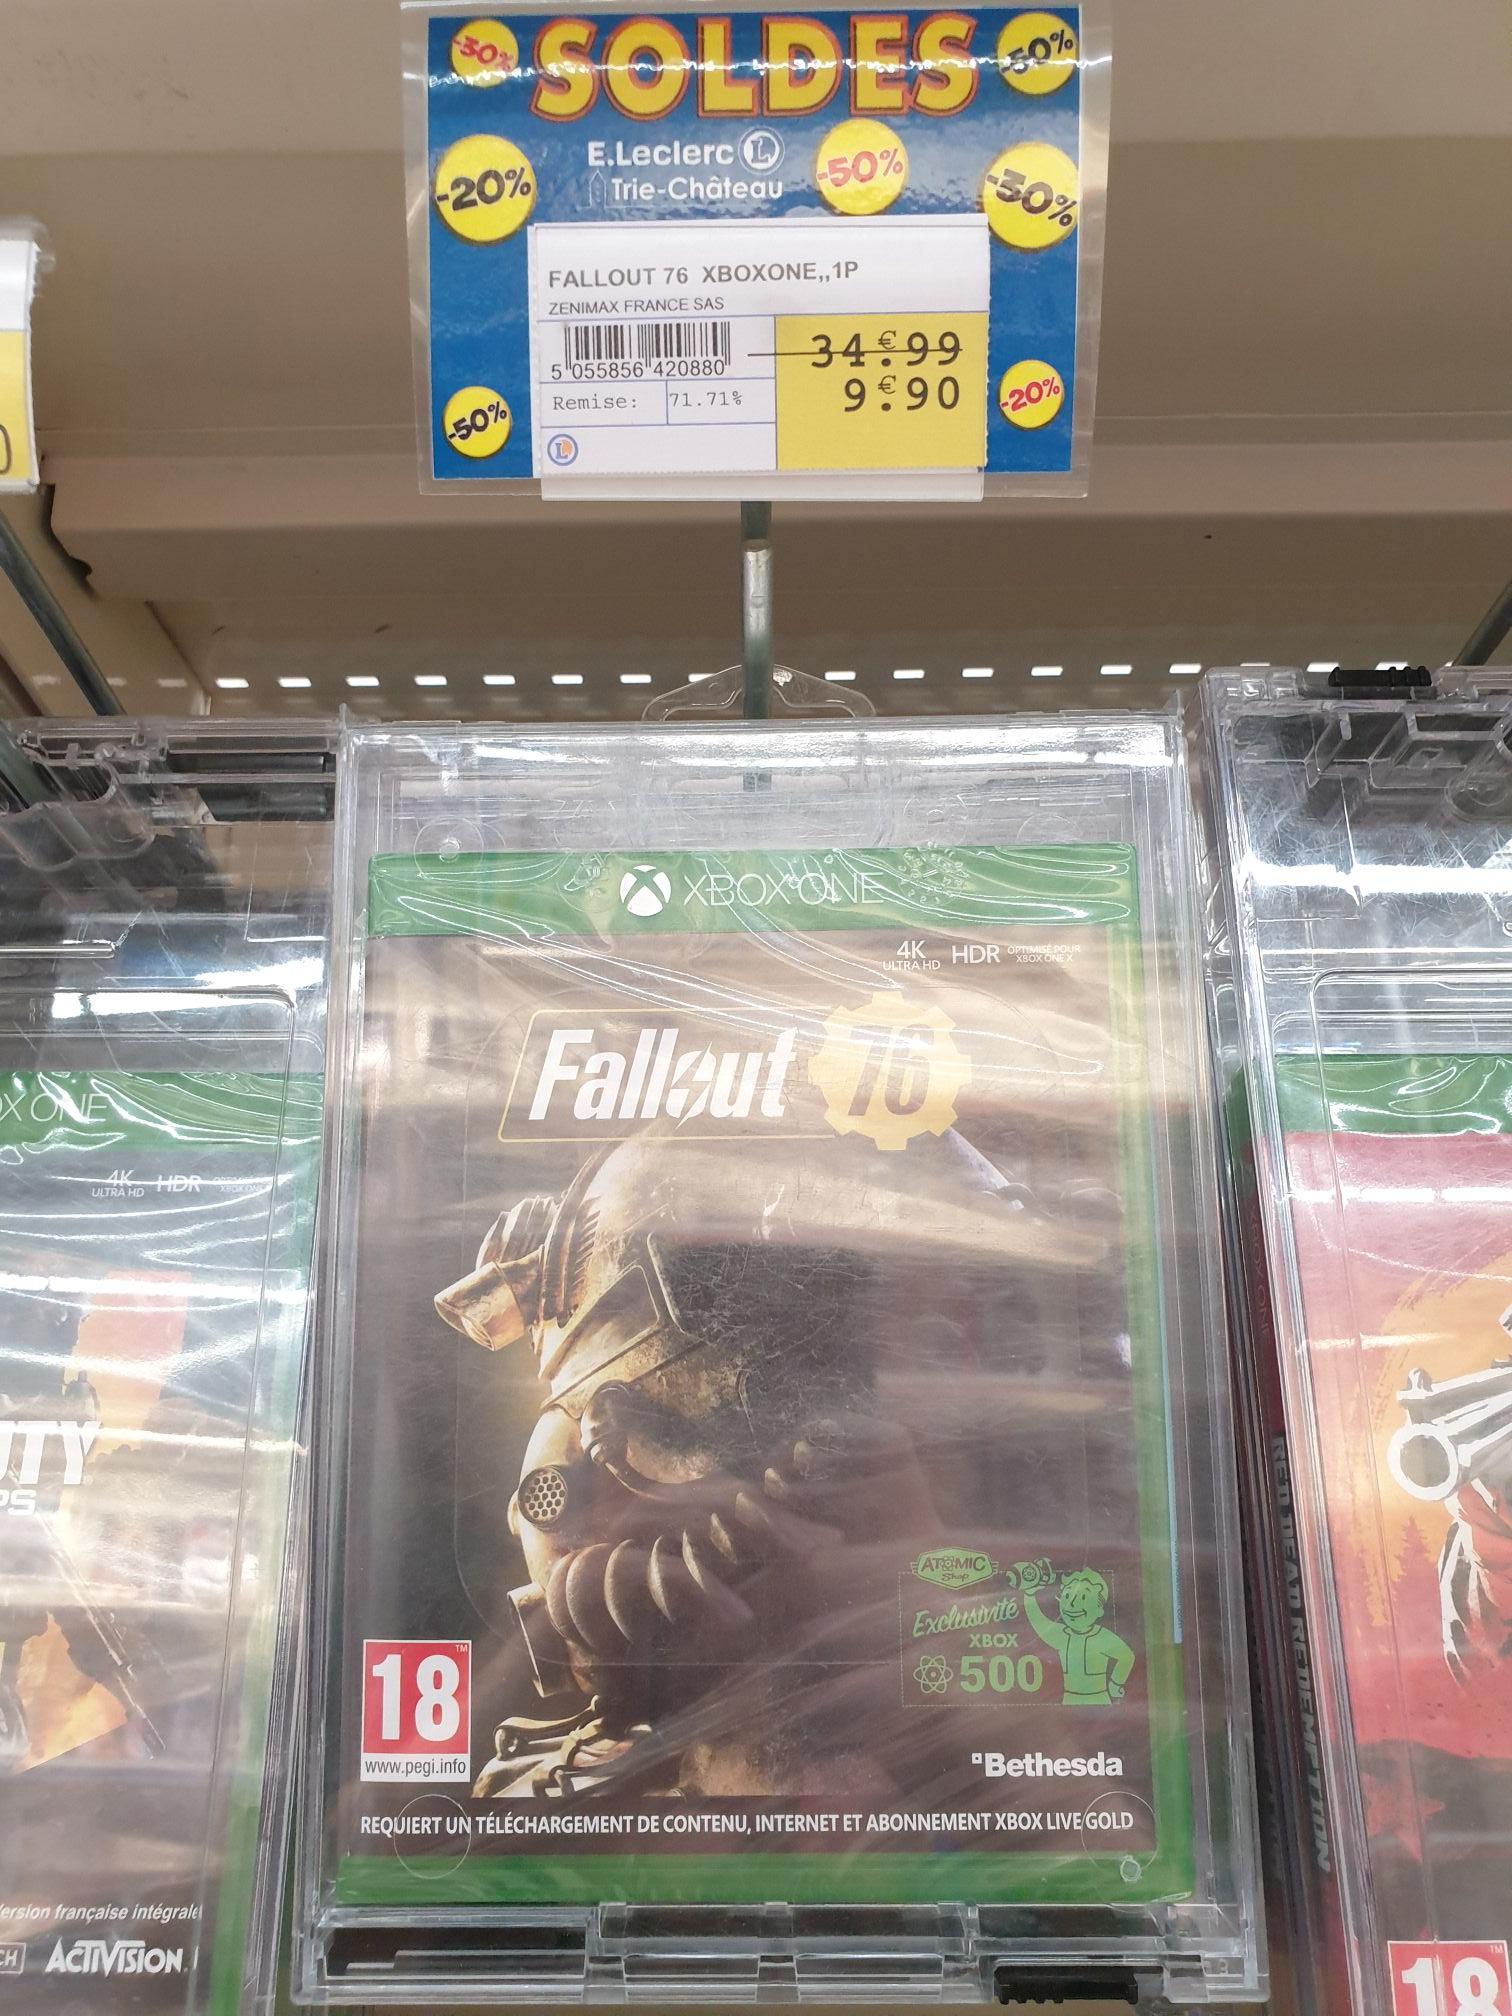 Fallout 76 sur Xbox One - Trie Château (60)